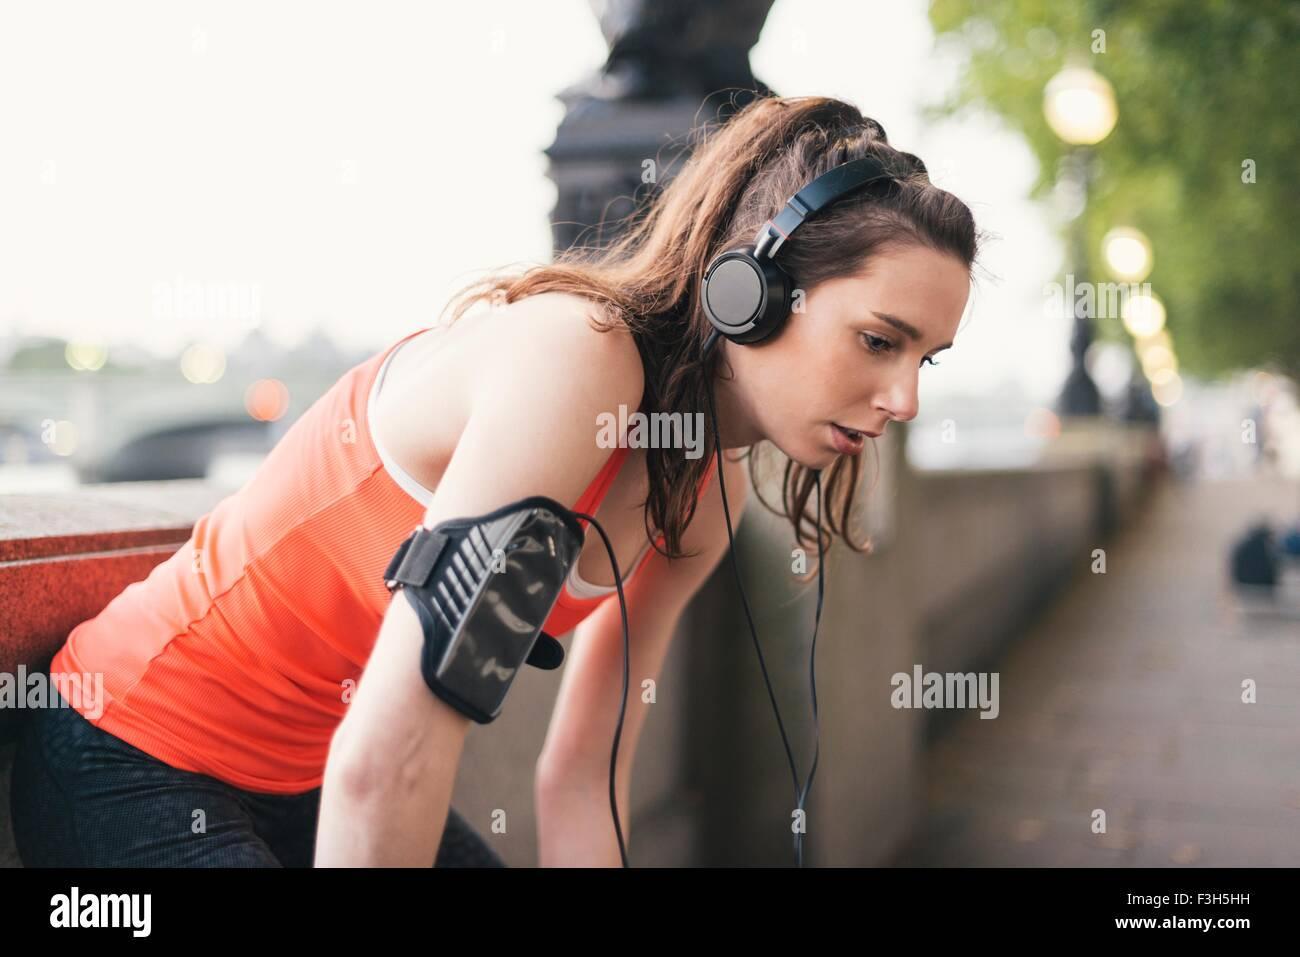 Weibliche Läufer tragen von Kopfhörern eine Pause am Ufer erschöpft Stockbild